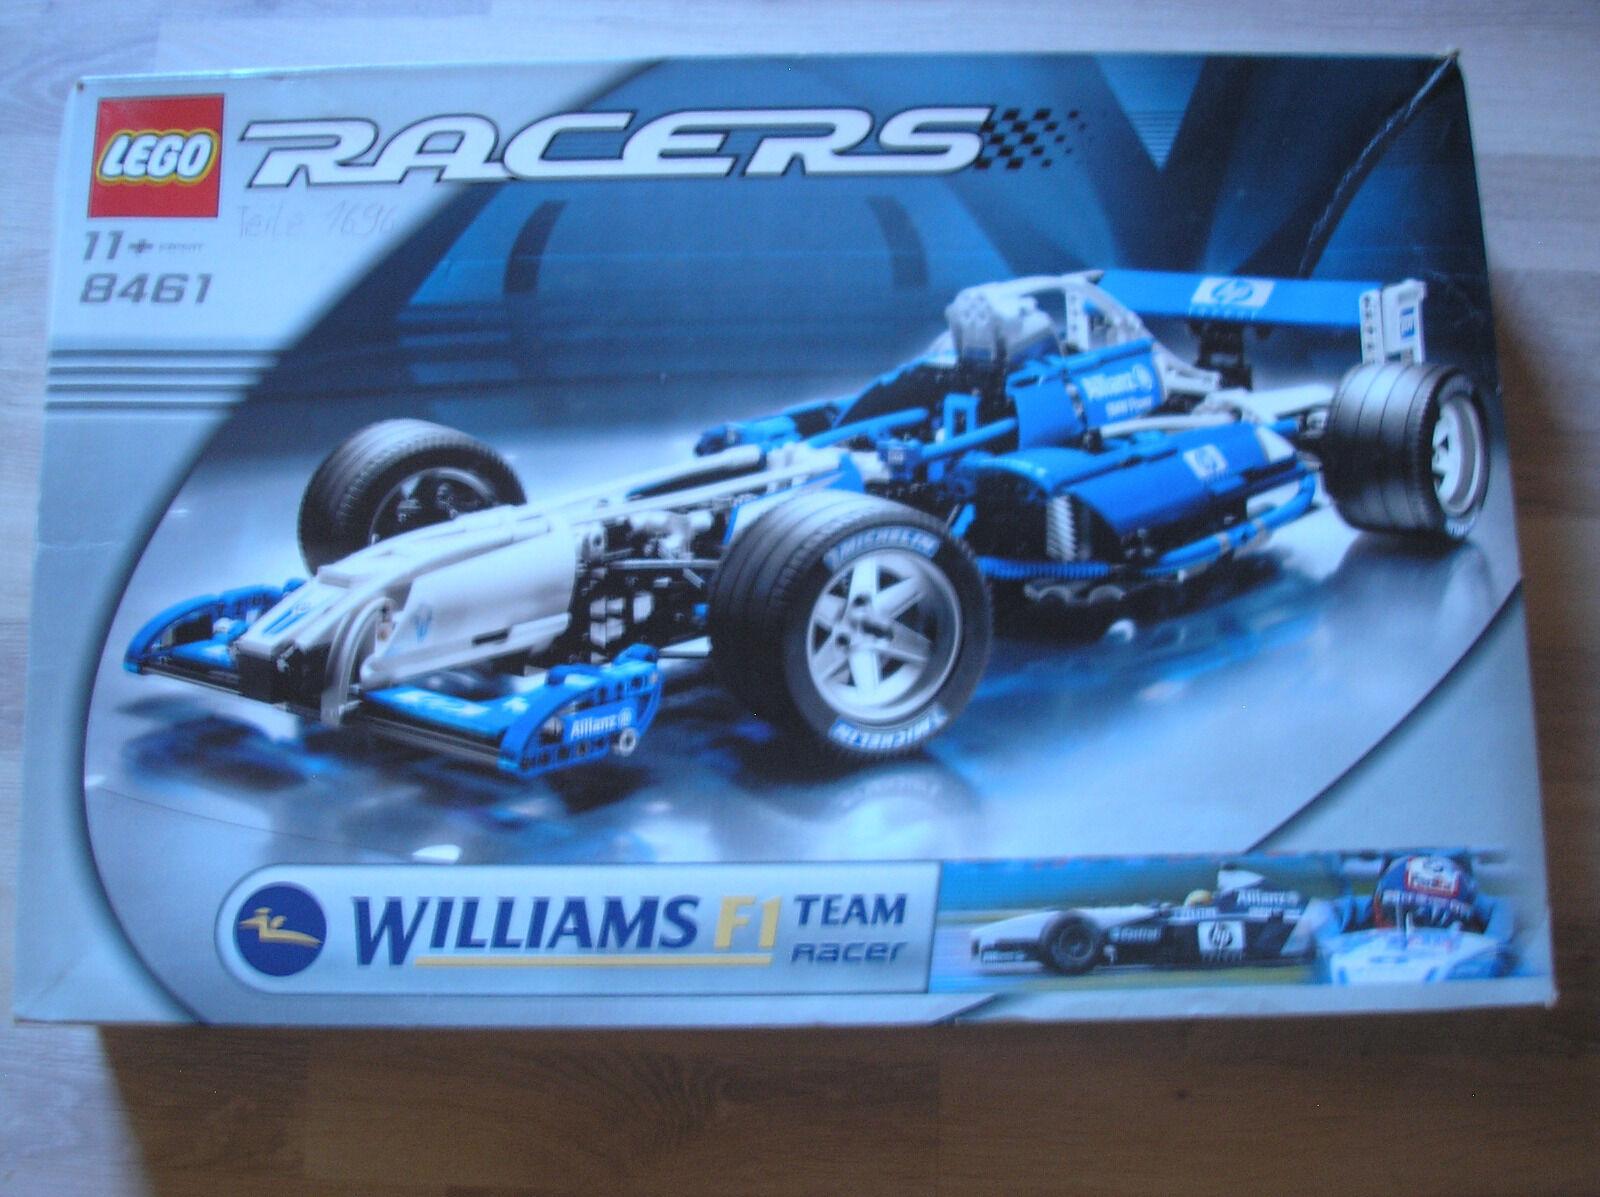 Lego Racers 8461 Williams F1 Team Racer / GUTER ZUSTAND - Rarität von 2002